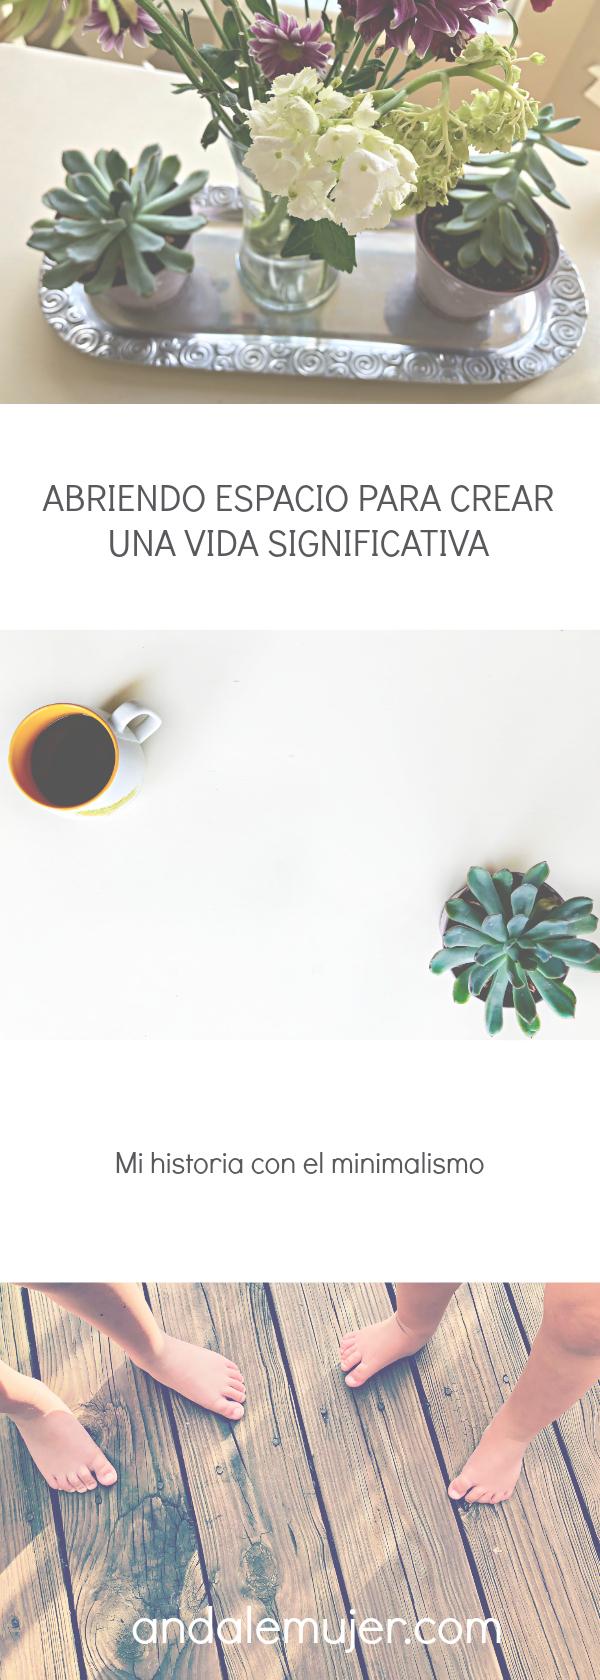 Ándale mujer - Abriendo espacio para crear una vida significativa - mi historia con el minimalismo